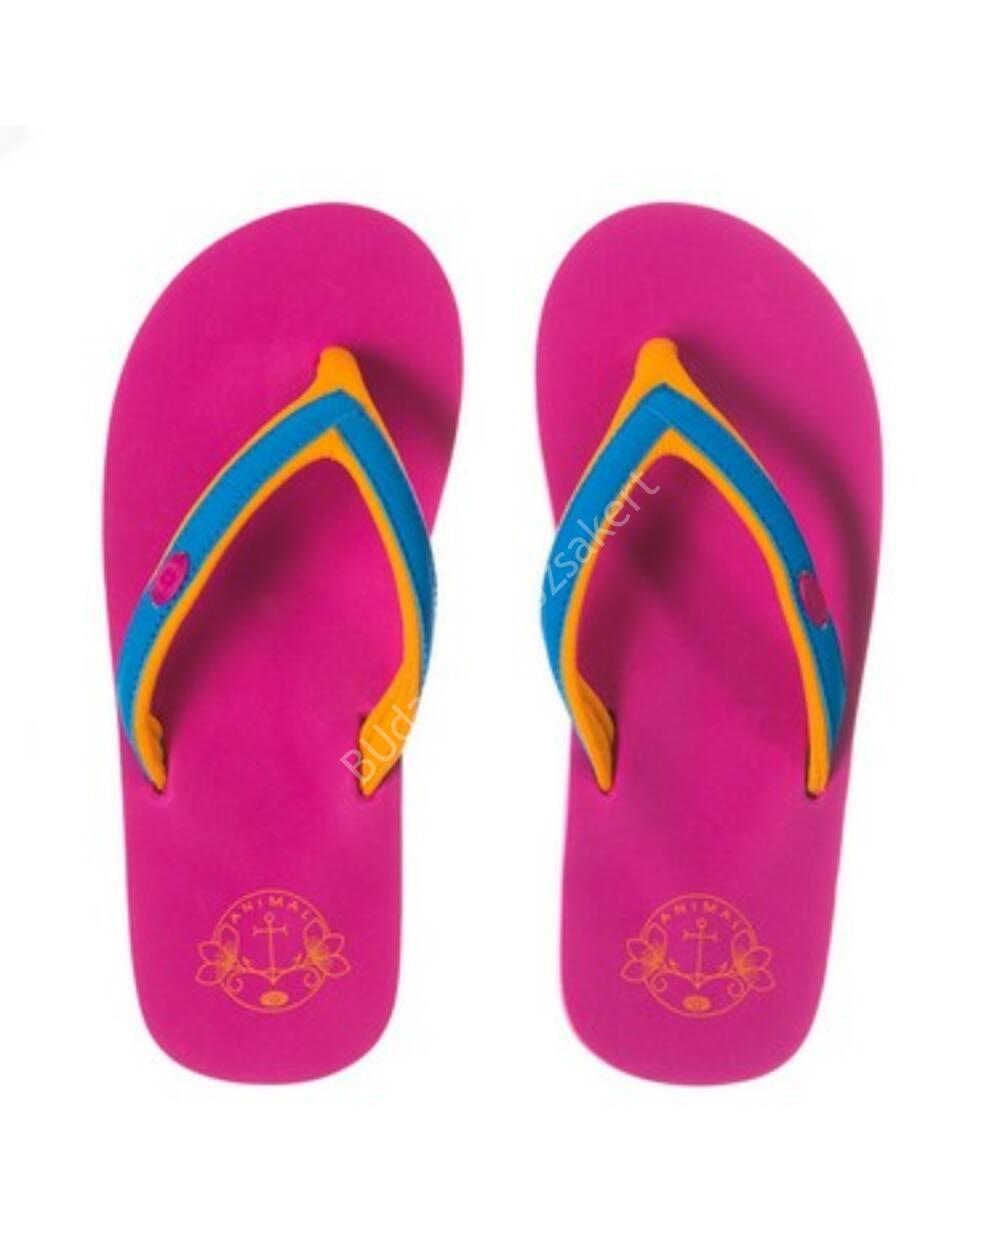 Animal flip-flop papucs nőknek, pink-narancs-kék